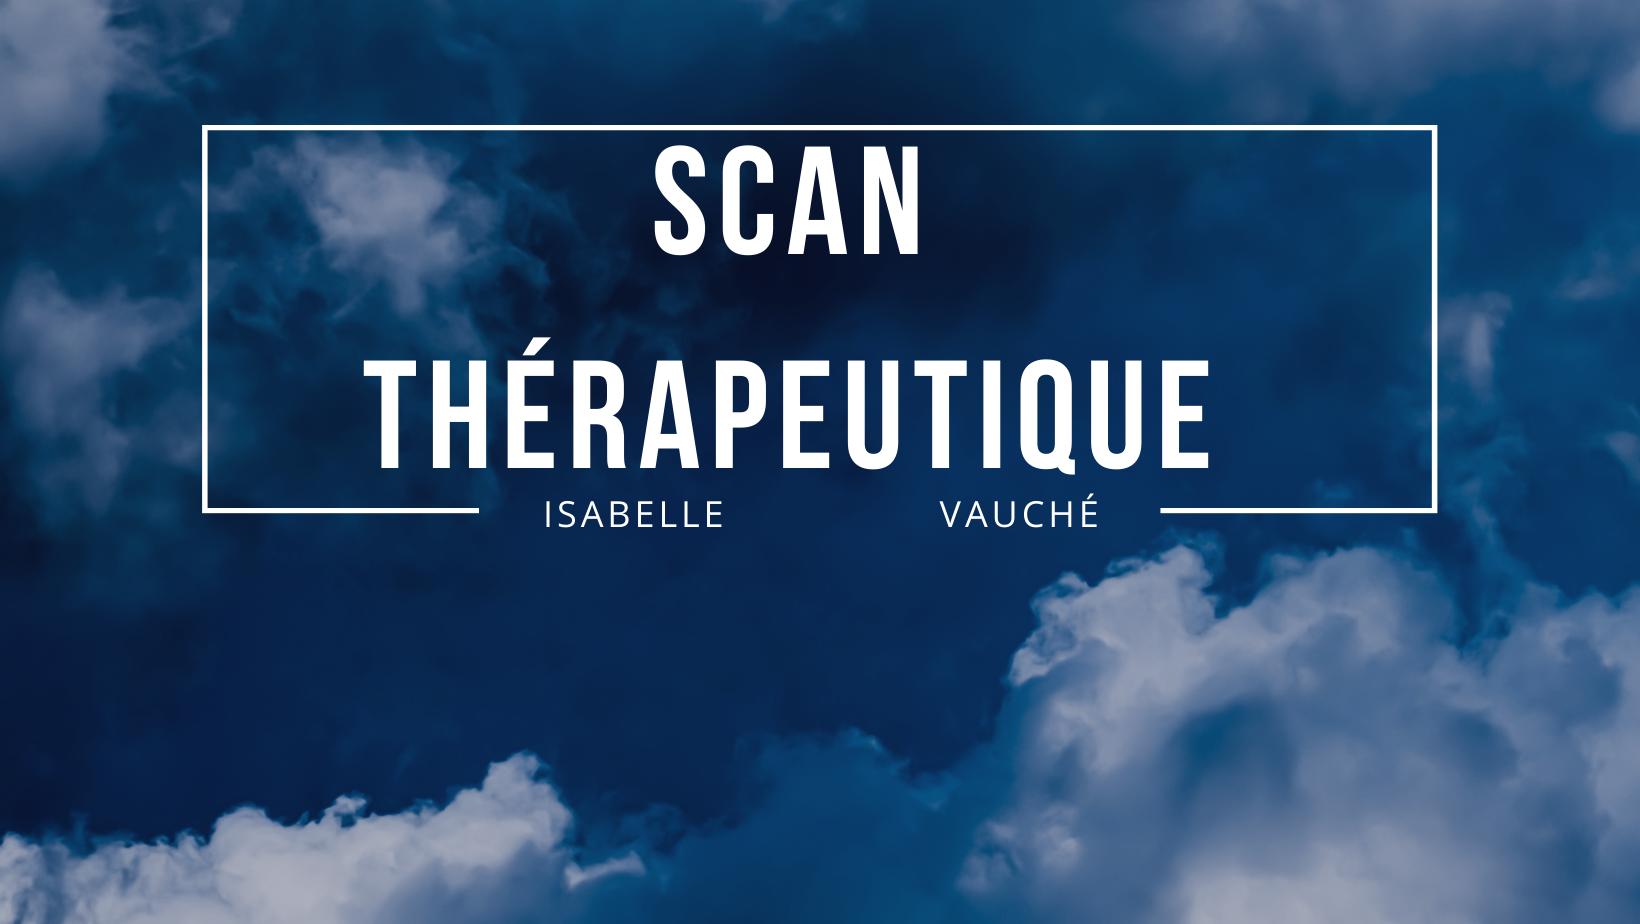 Scan thérapeutique, Isabelle Vauché